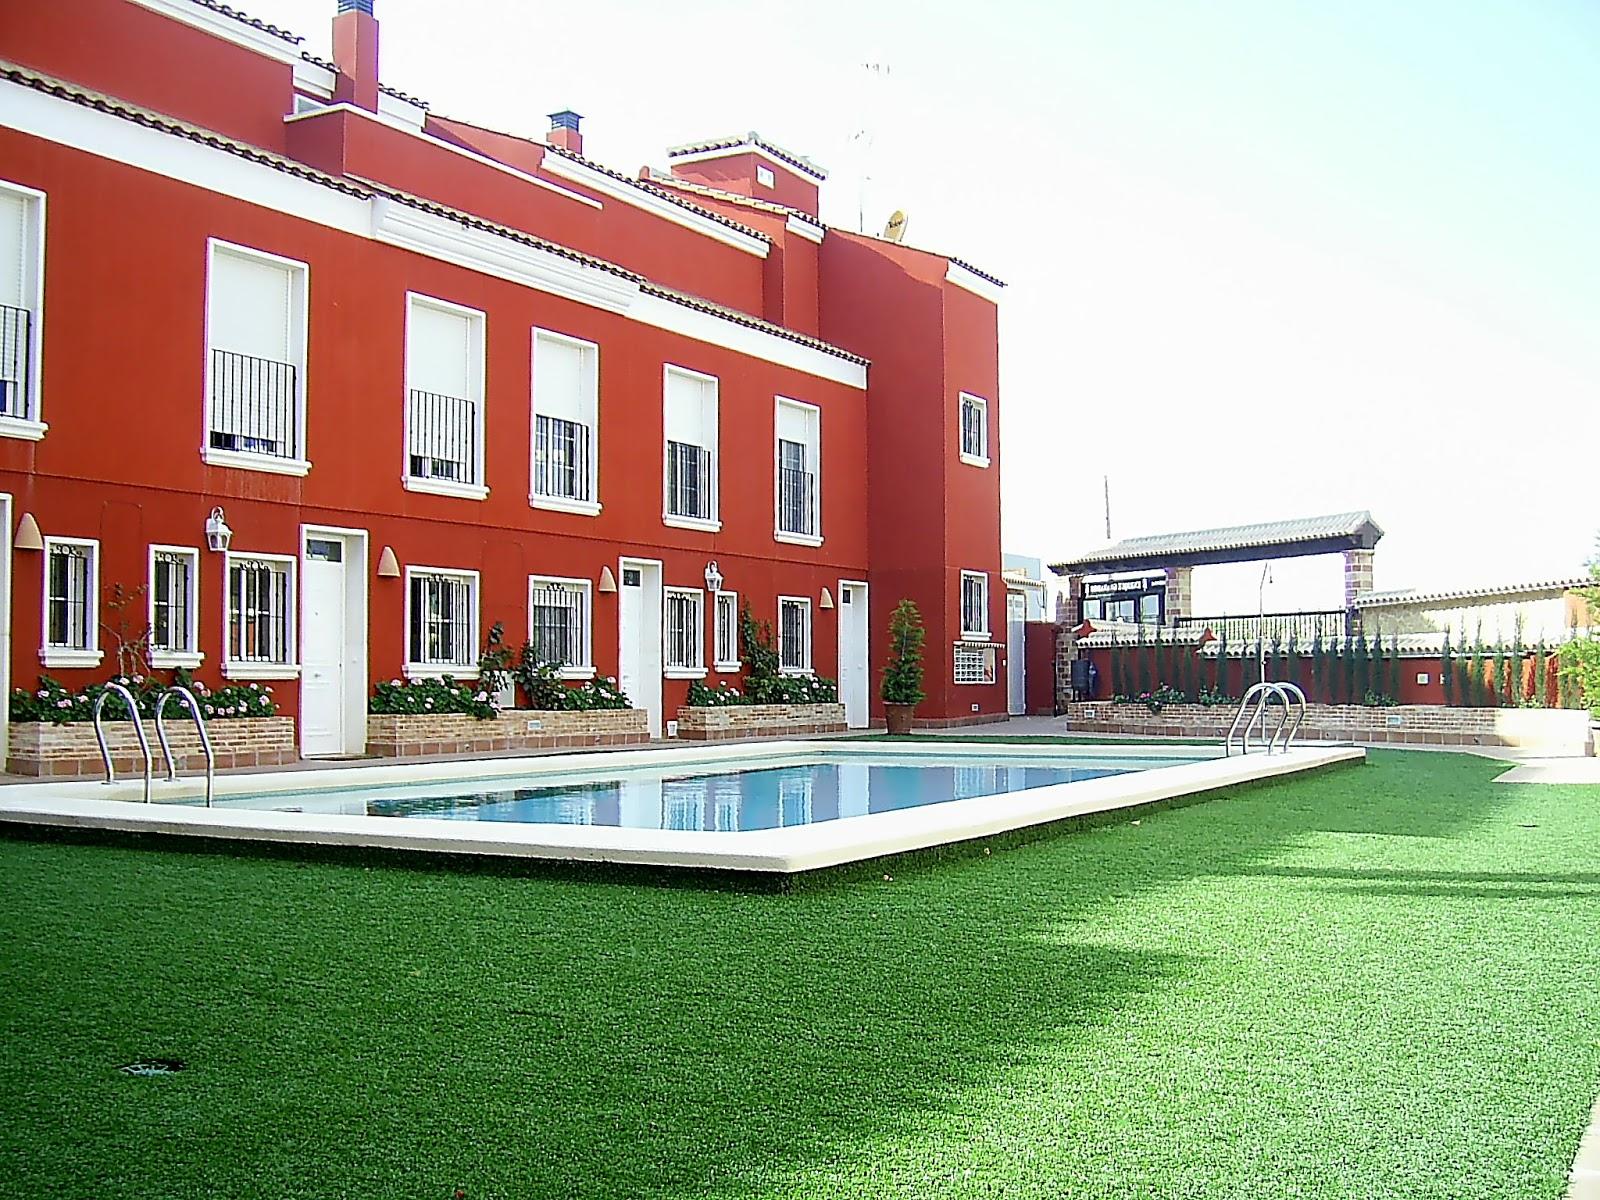 El blog de inmobiliaria portus 12 santa pola for Inmobiliaria santa pola